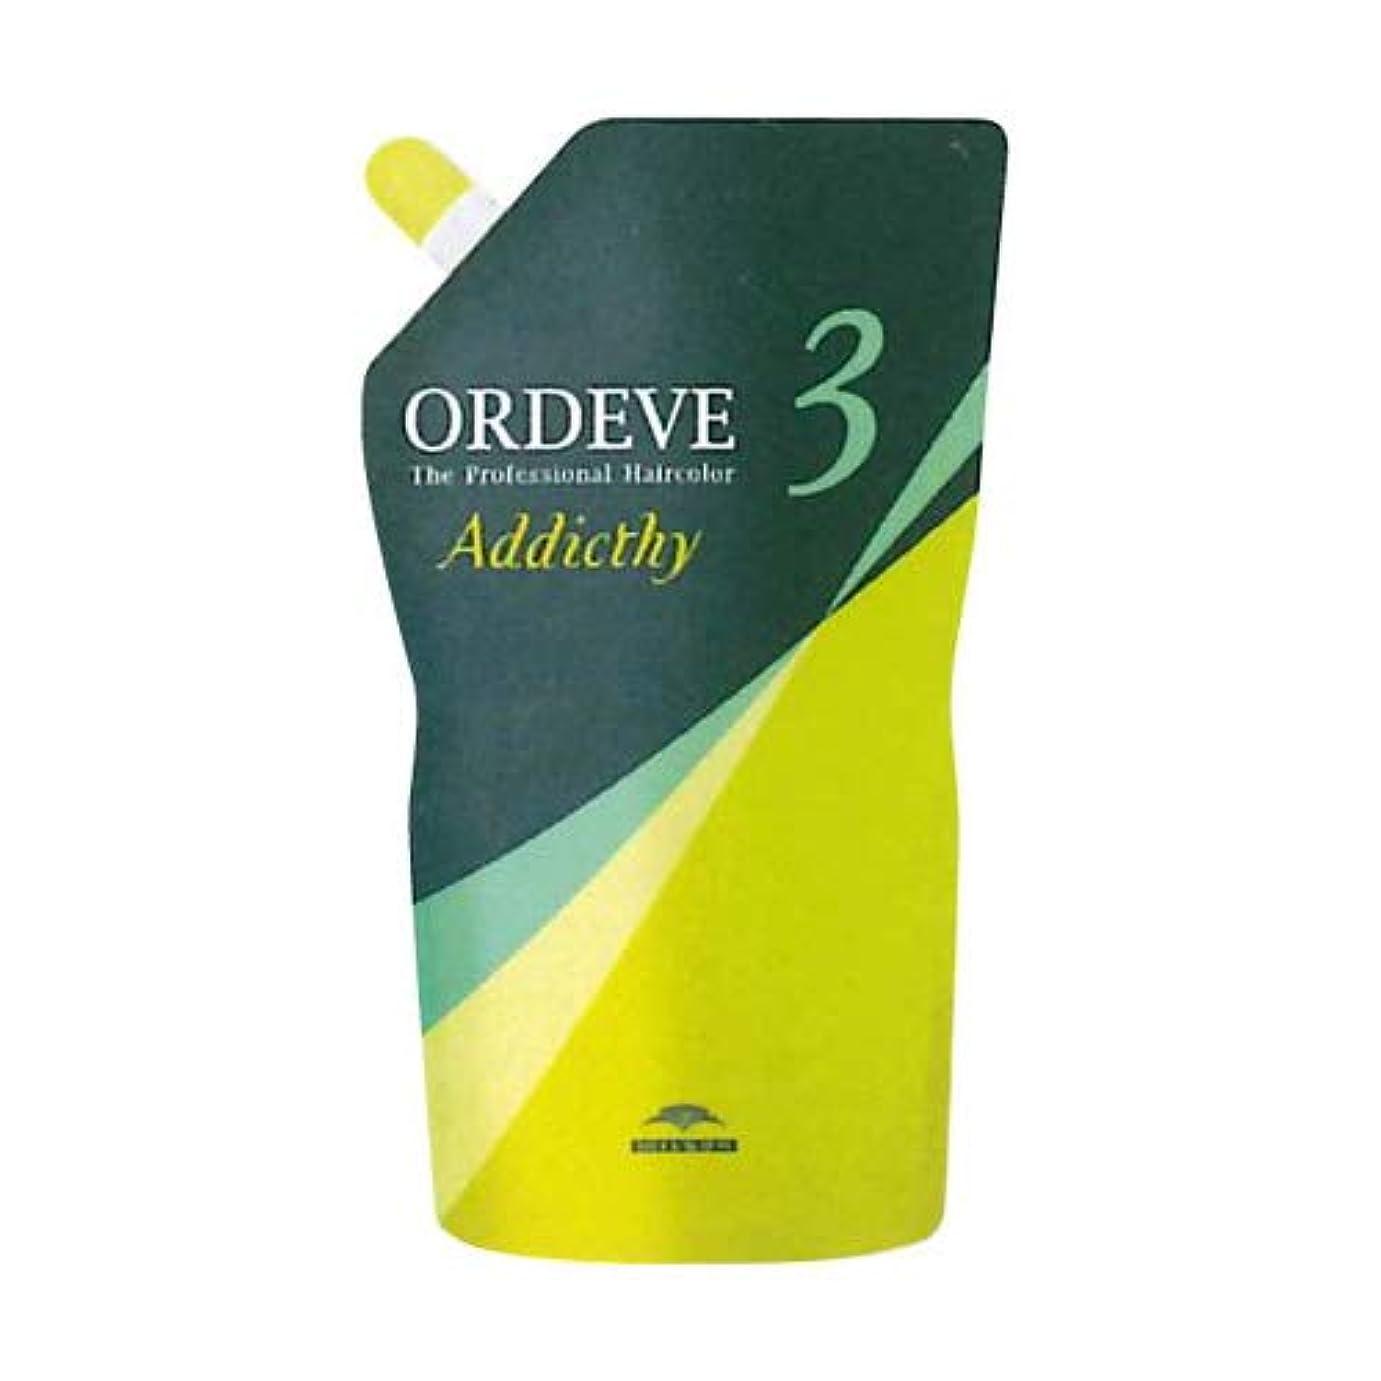 高めるとまり木靴下ミルボン オルディーブ アディクシー 2剤 オキシダン 3.0% 1000ml